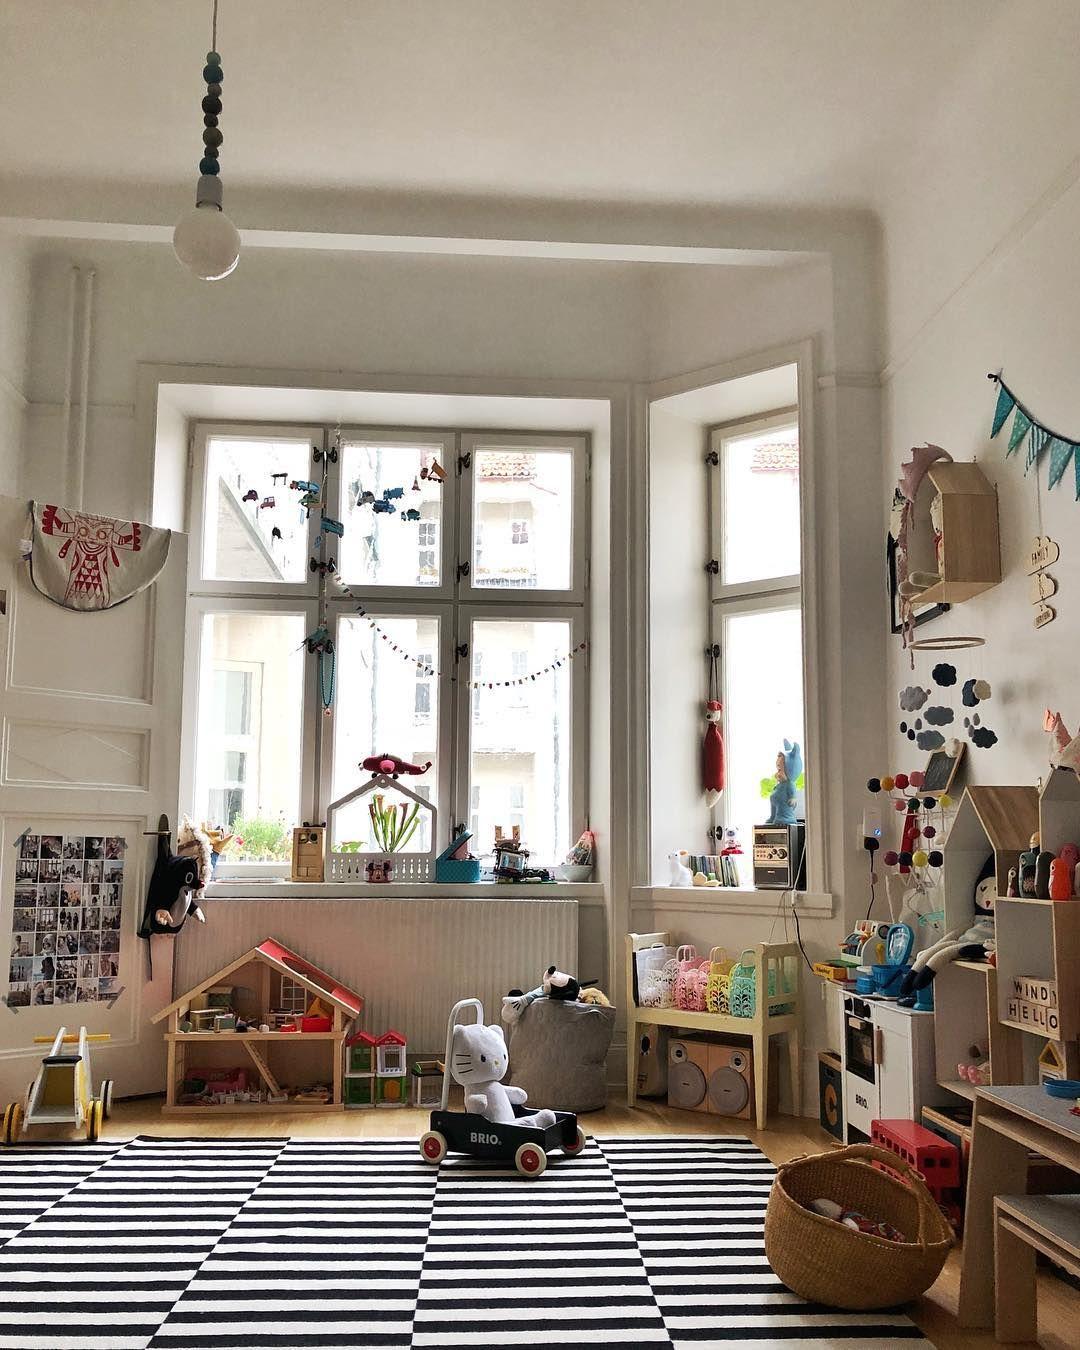 Playroom sundaylook cuarto de juegos habitaciones for Decoracion habitacion infantil montessori